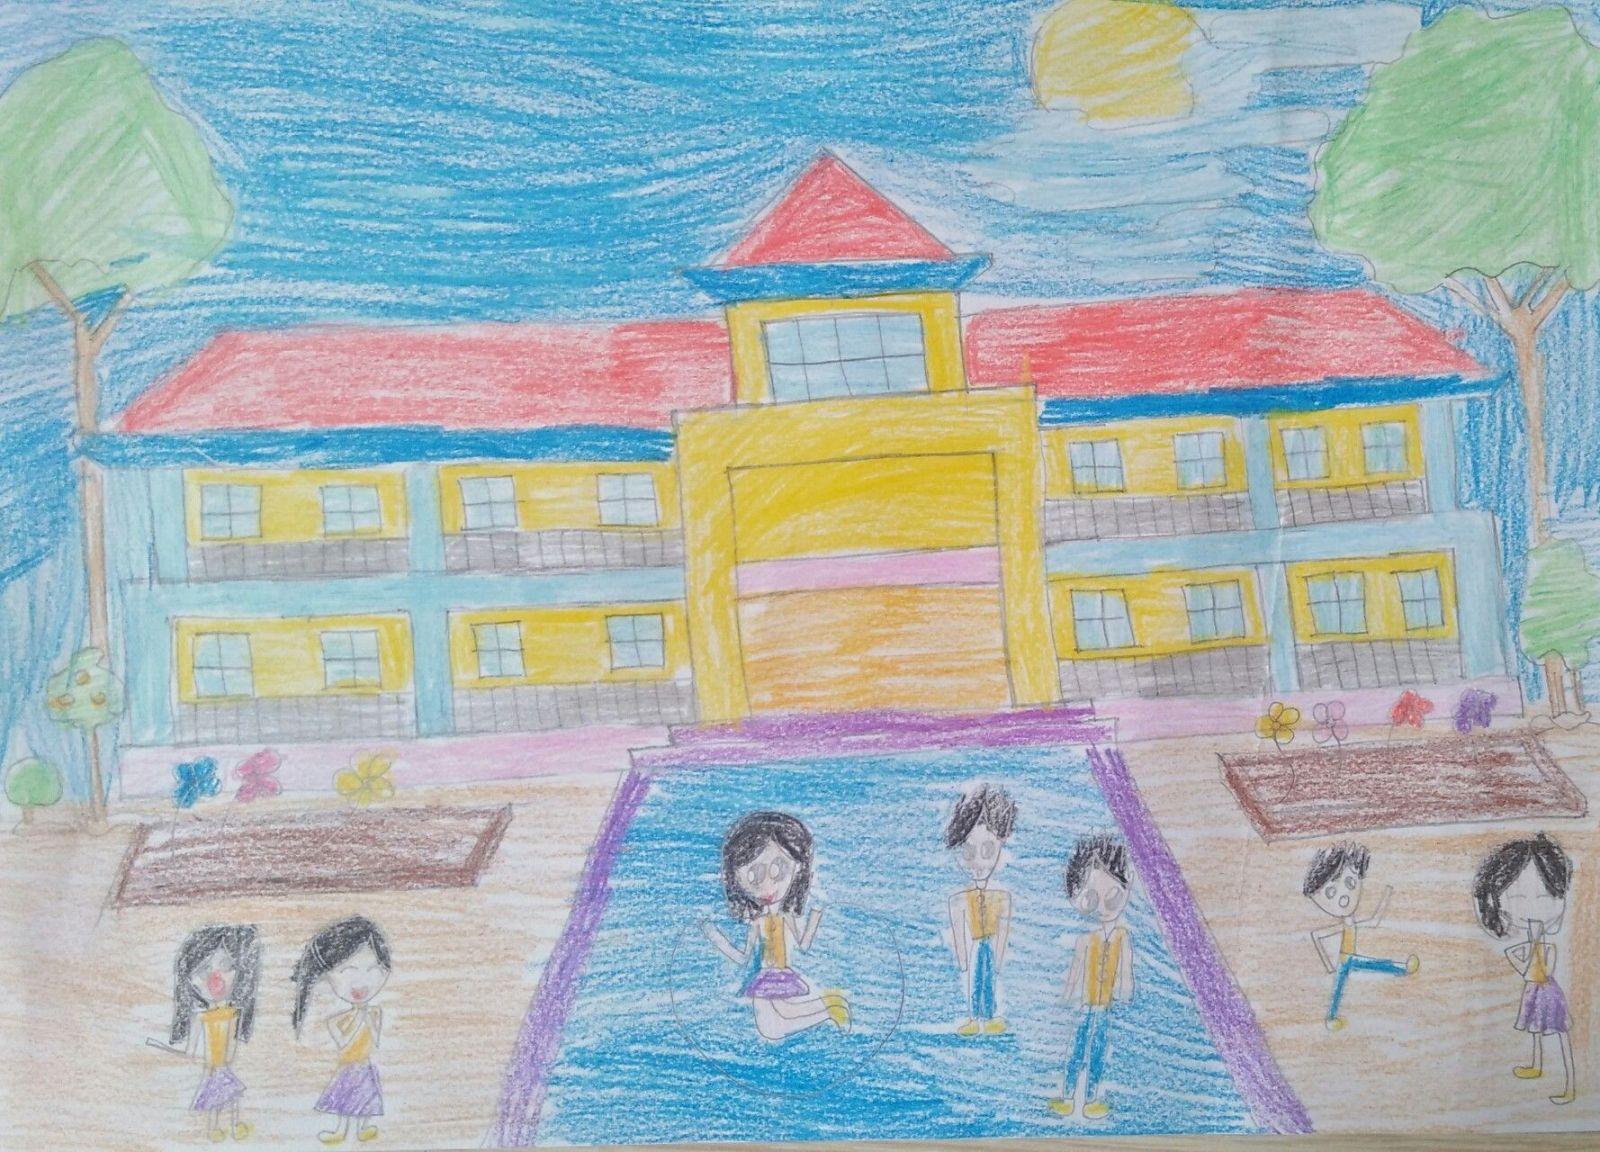 Vẽ tranh đề tài mái trường thân yêu